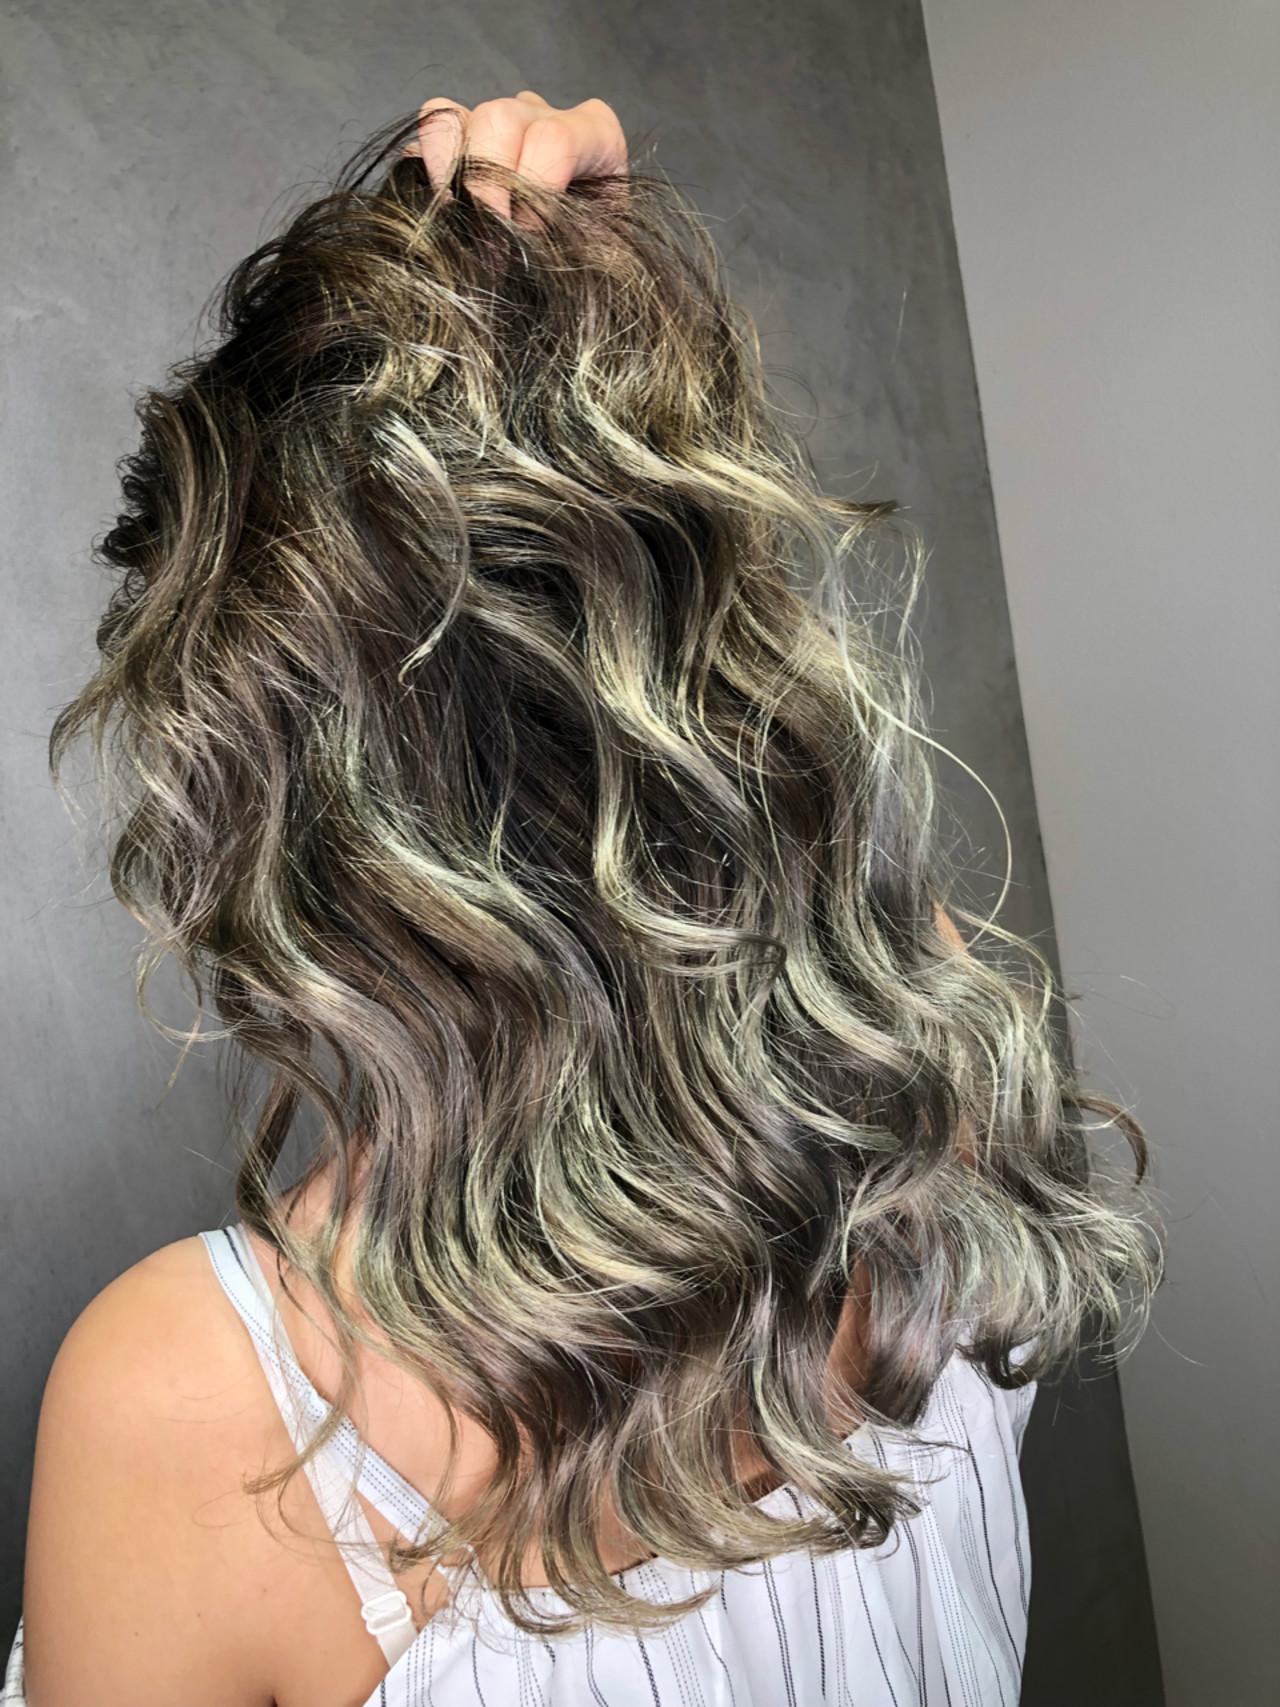 アウトドア デート スポーツ ヘアアレンジ ヘアスタイルや髪型の写真・画像